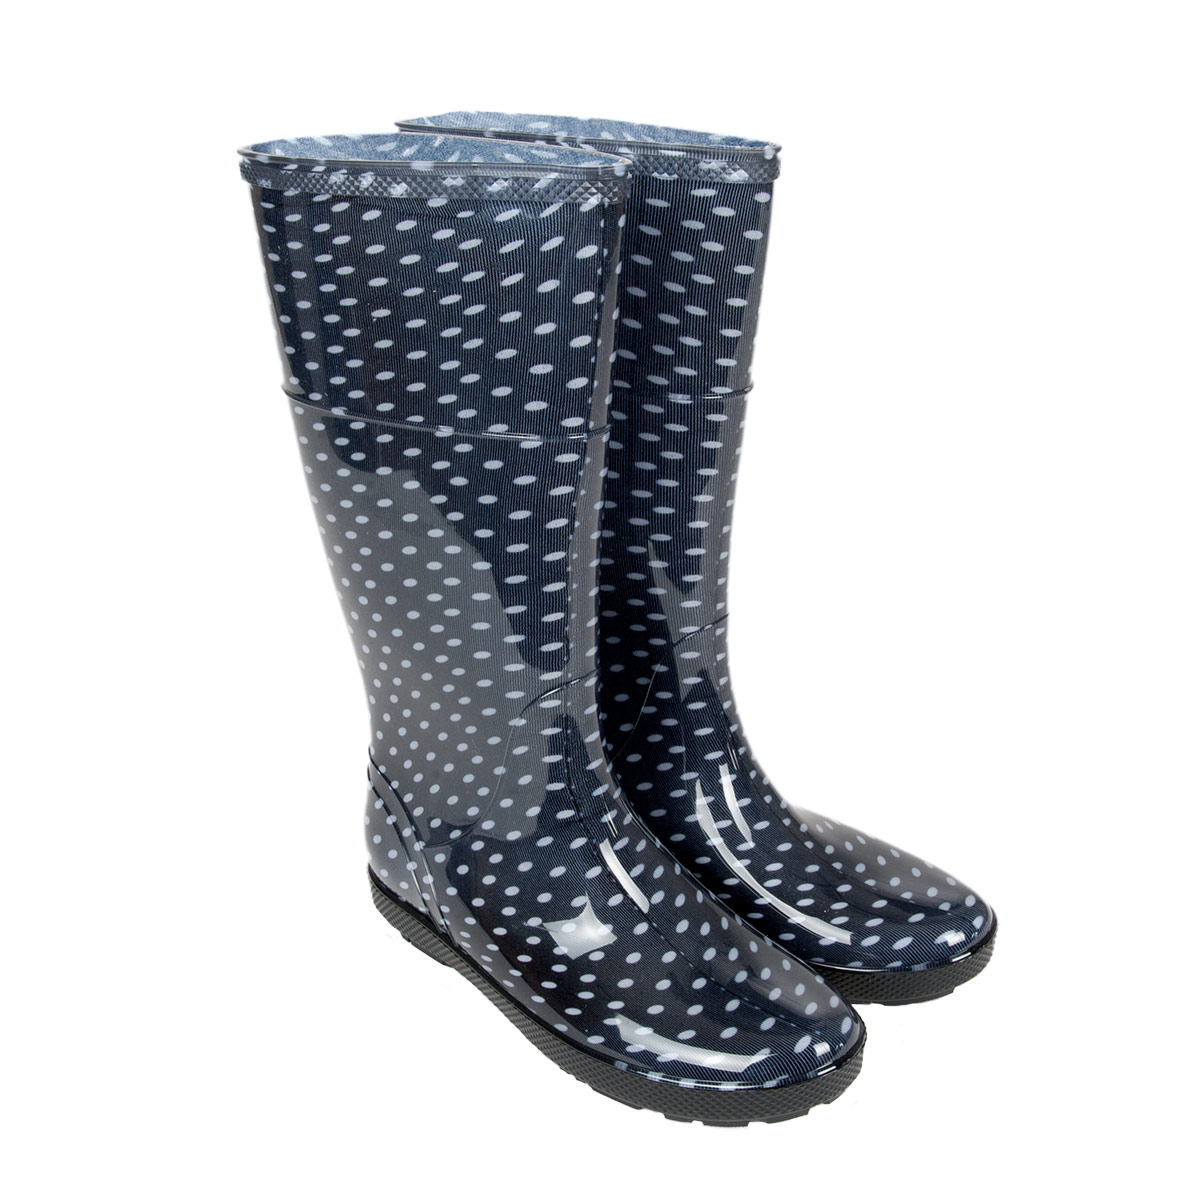 5e0330a166 DEMAR stivali antipioggia da donna con suola antiscivolo